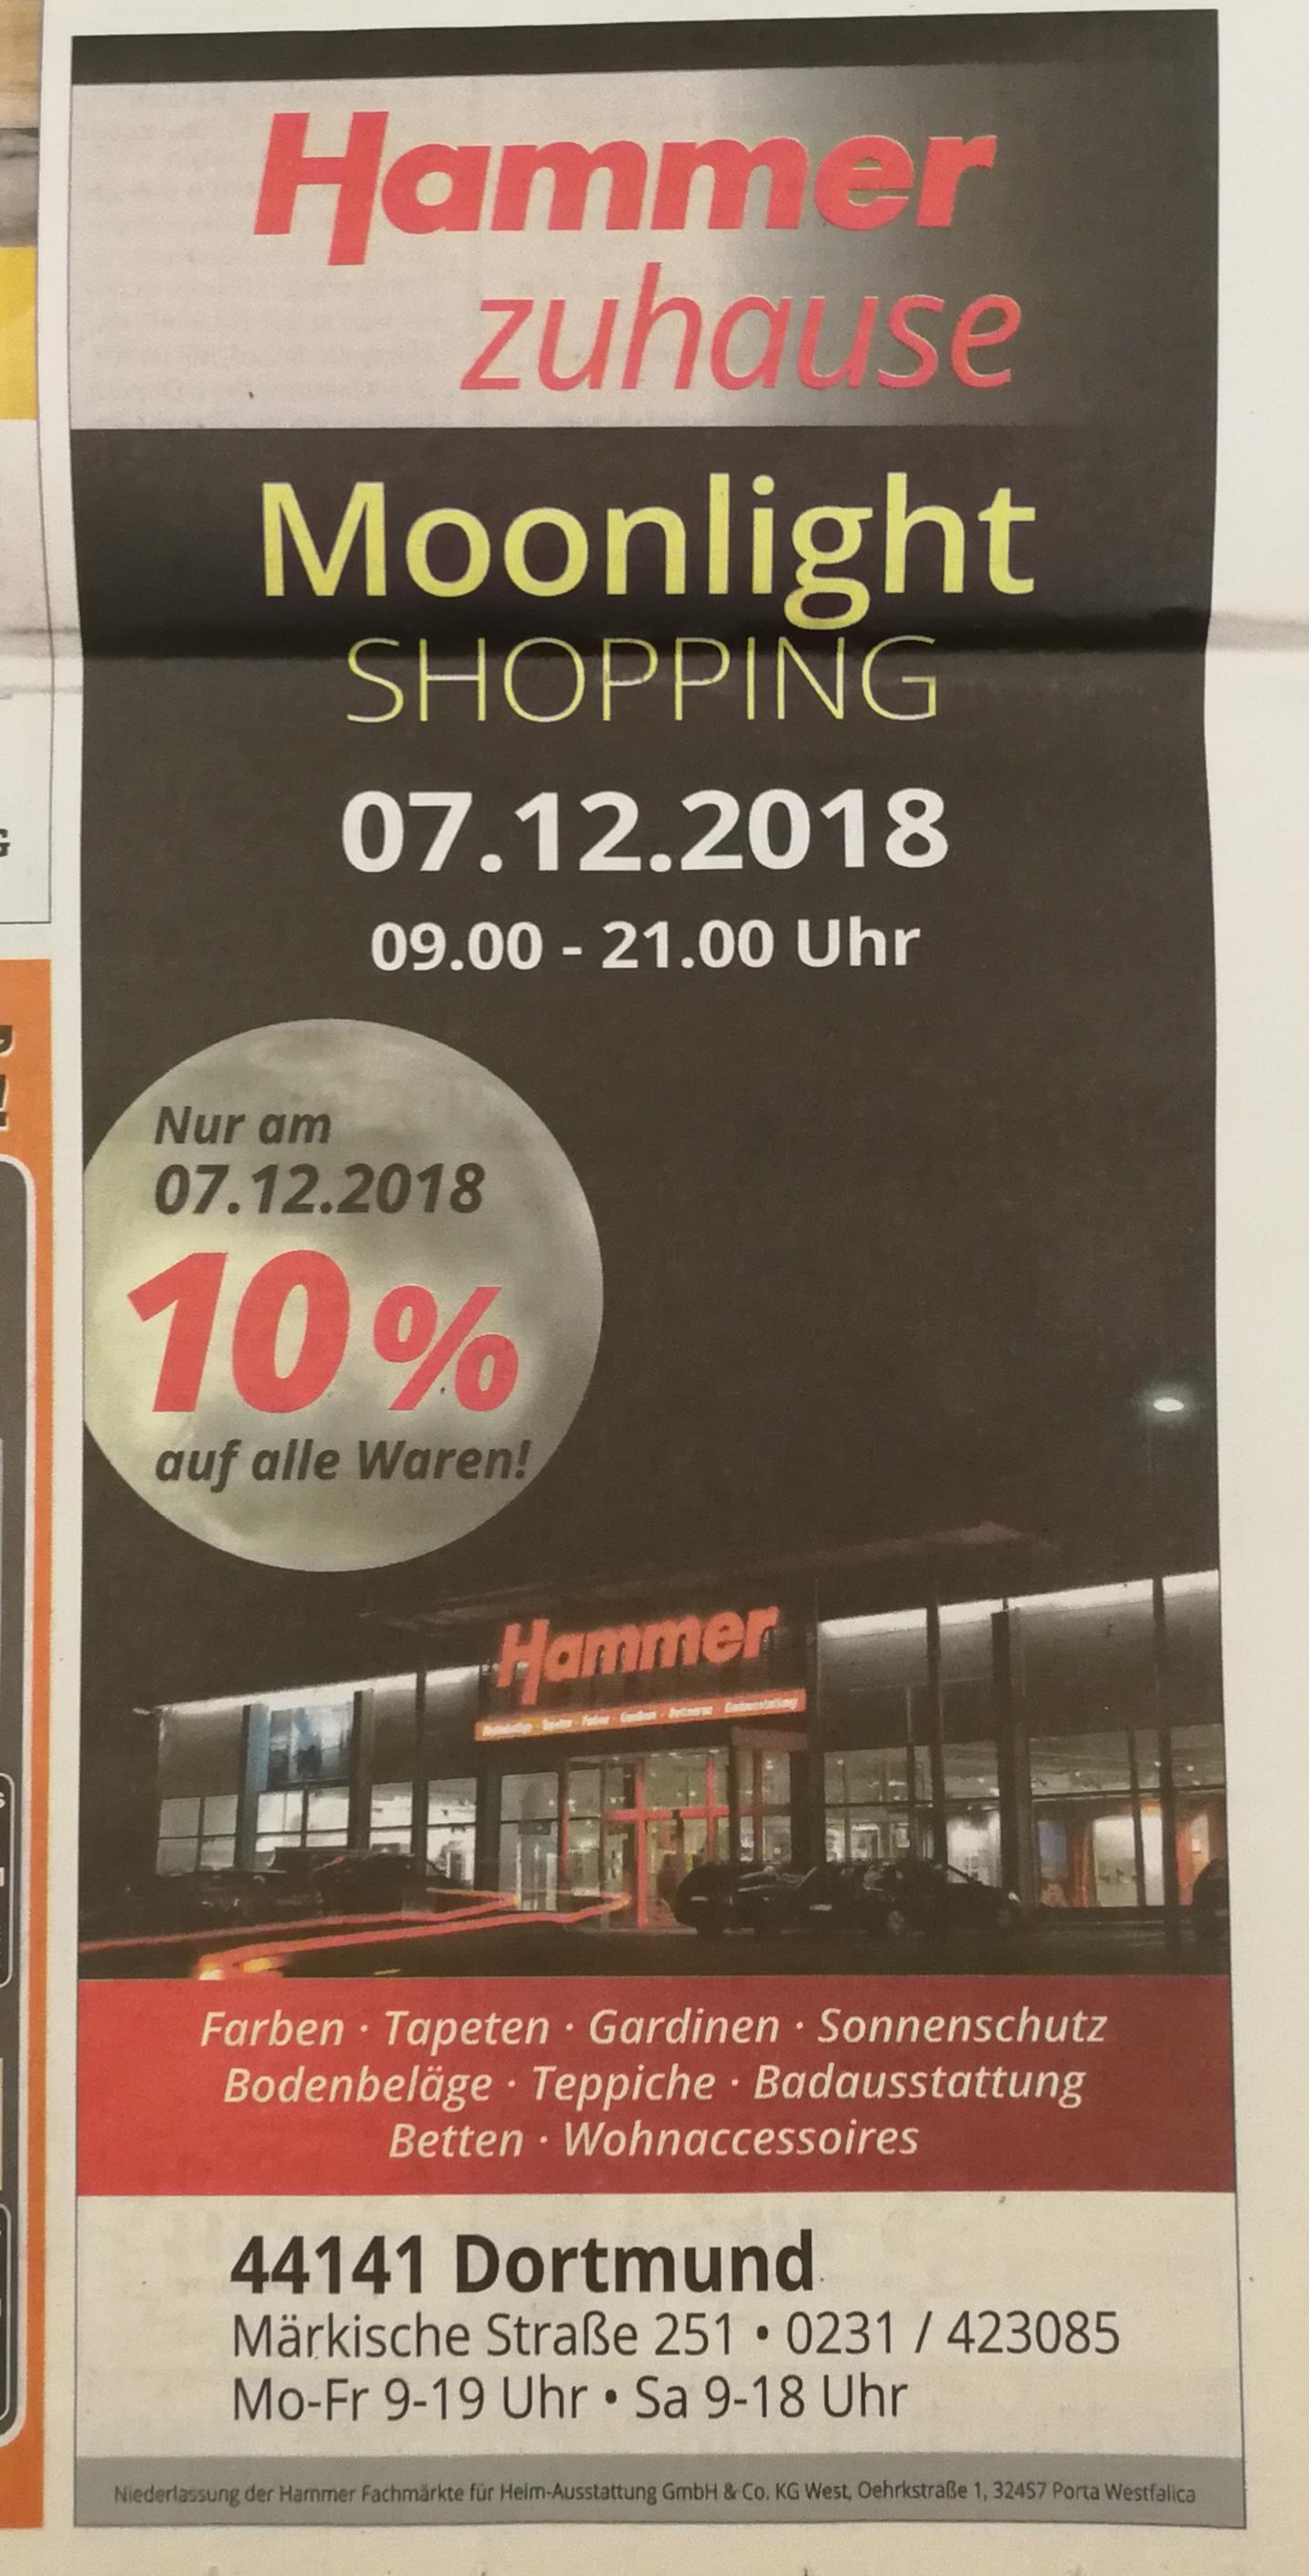 [Lokal] Offline Hammer Dortmund Märkische Str. 10% auf alles am 07.12. z.B. Alpina Schneeweiß 8l + gratis Abdeckvlies für 17,99